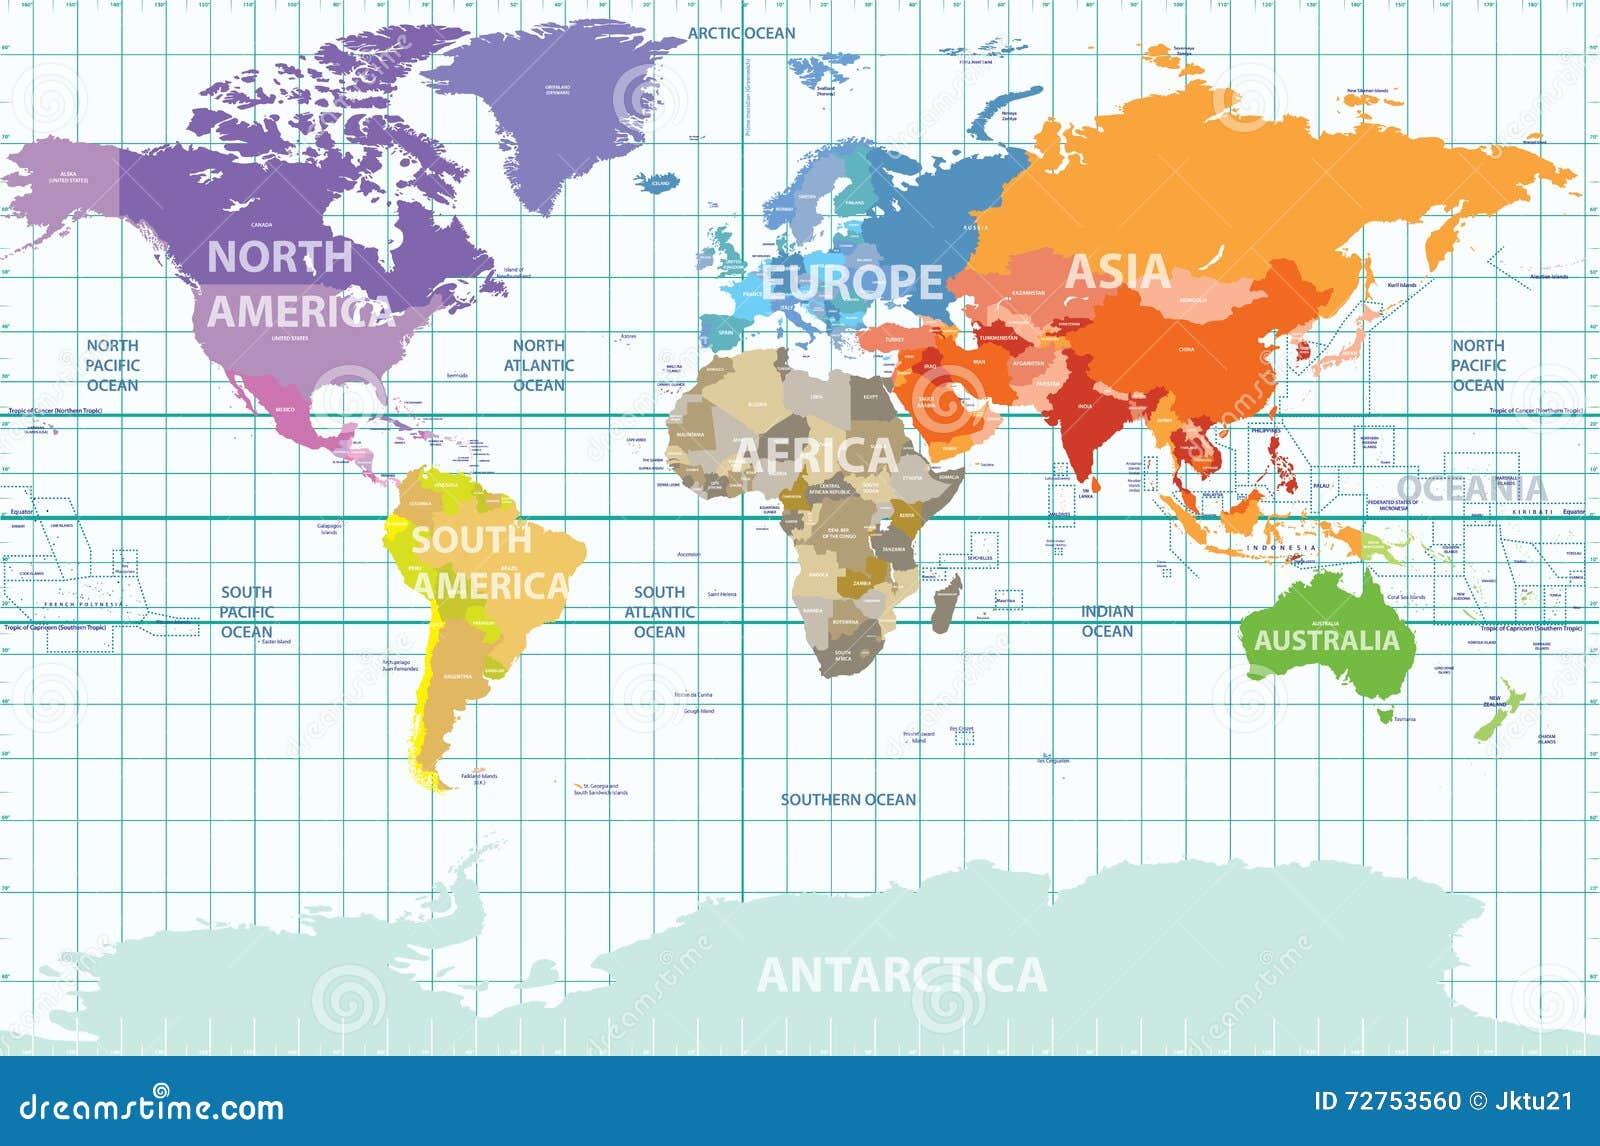 Carte Du Monde Avec Equateur.Carte Politique Du Monde Avec Tous Les Continents Separes